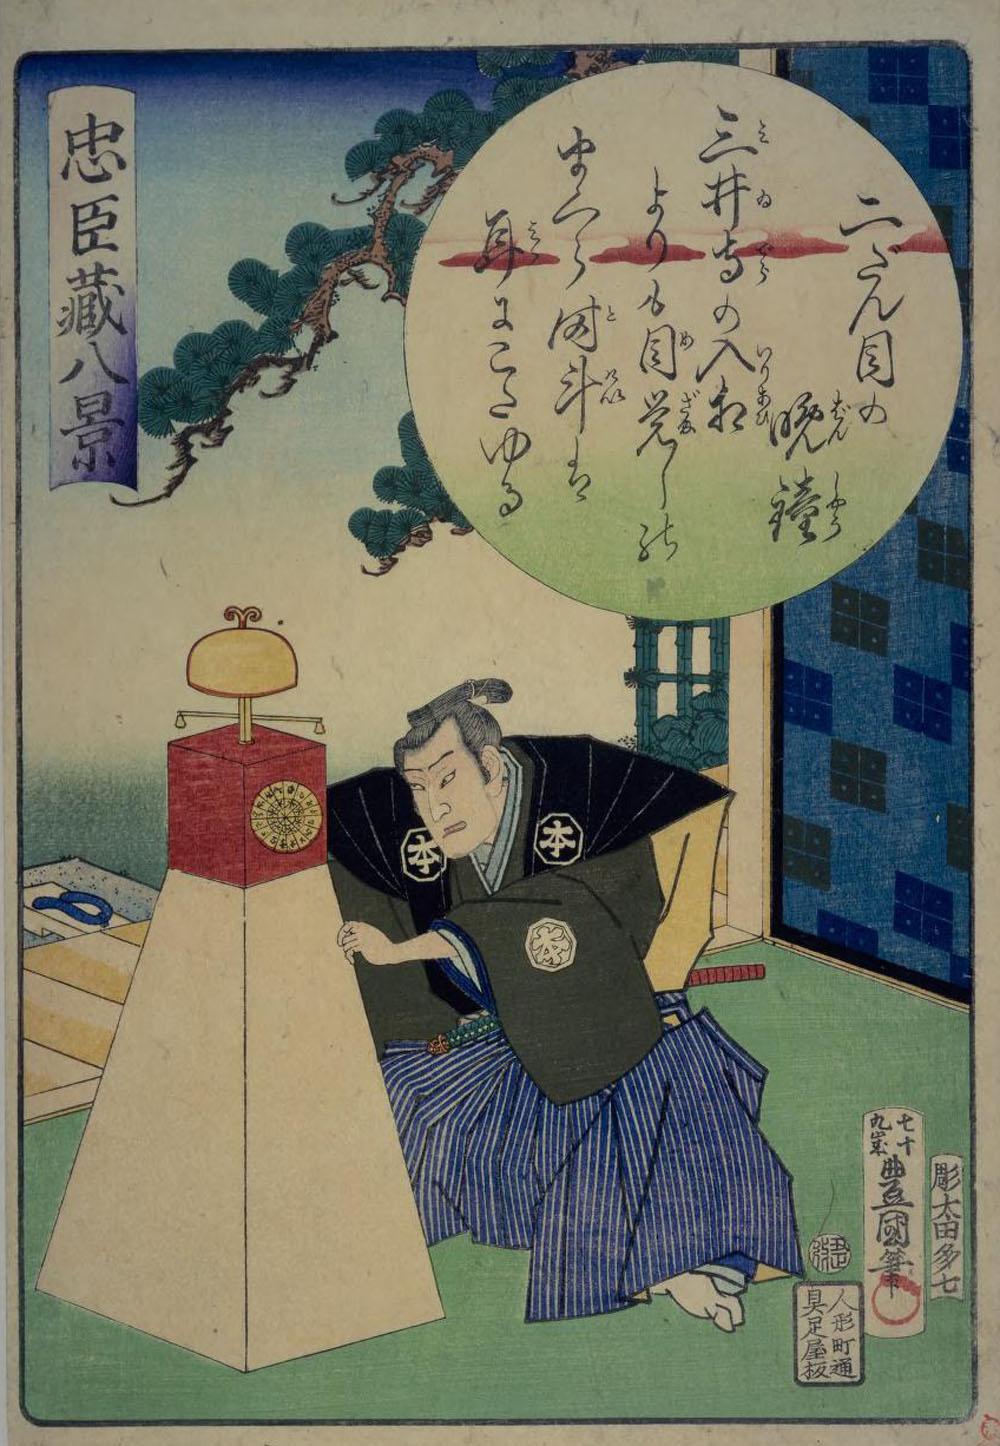 忠臣蔵八景 二だん目の晩鐘 画:歌川豊国